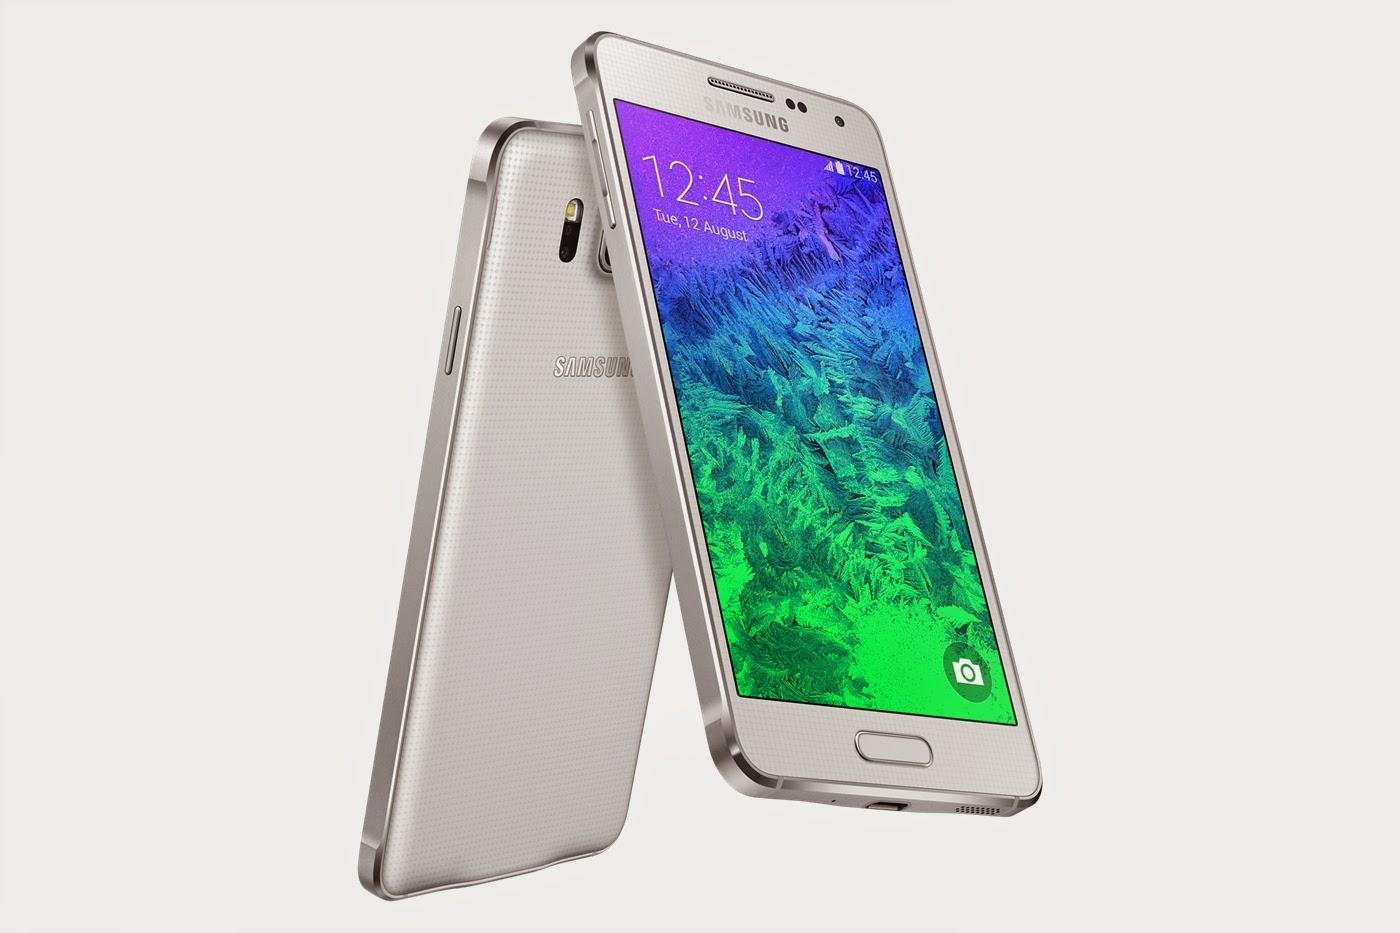 Samsung Galaxy Alpha SM-G850. Precio de Salida (Libre), Colores, Imágenes, Aplicaciones, Características, Especificaciones Completas, Información, Datos, Opiniones, Crítica y Comentarios